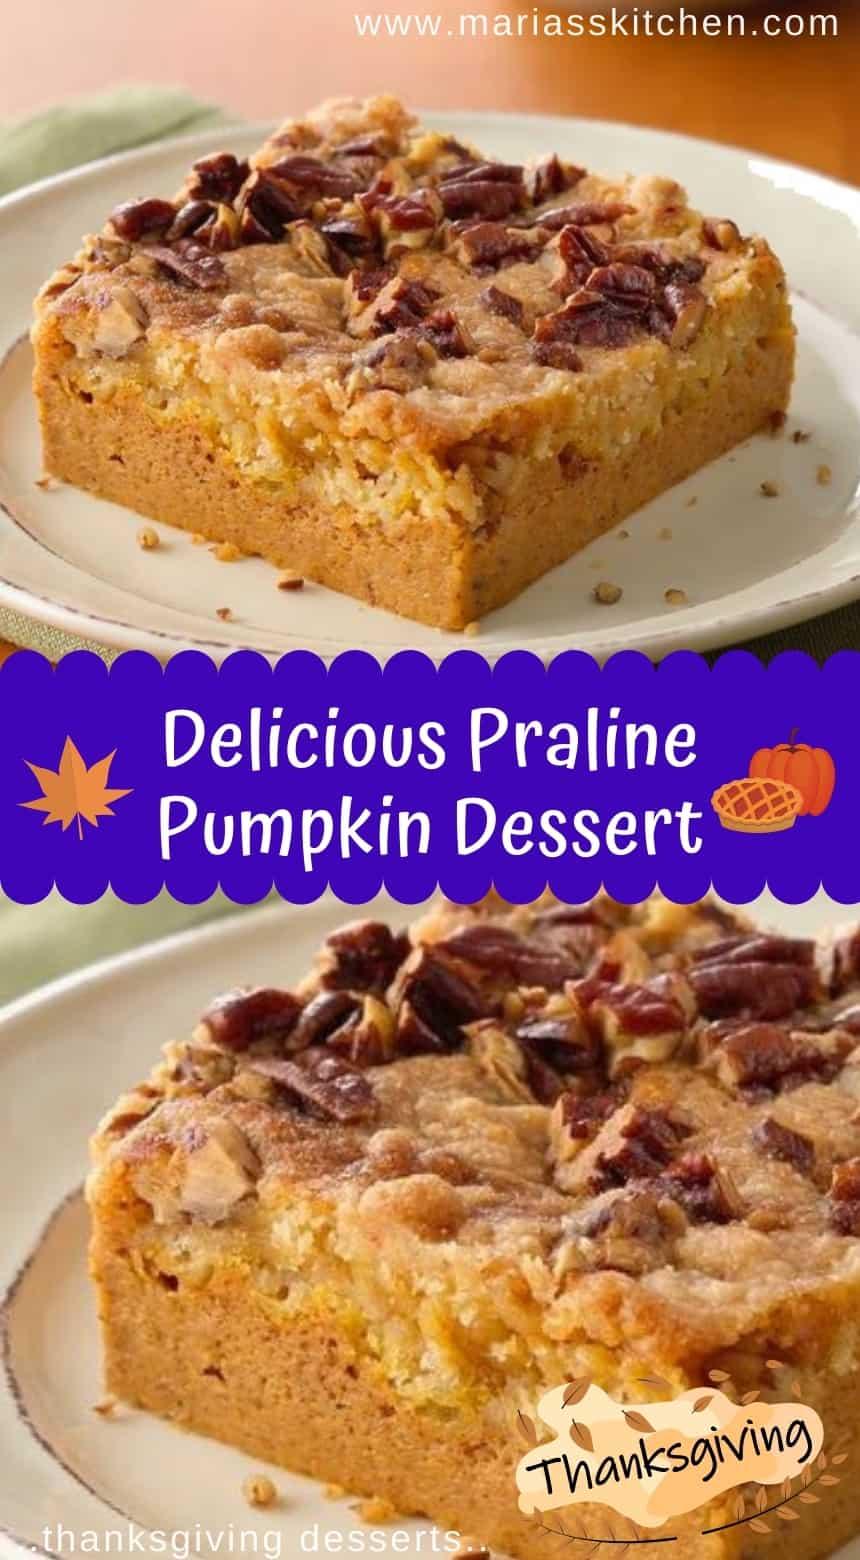 Delicious Praline Pumpkin Dessert - Thanksgiving Desserts